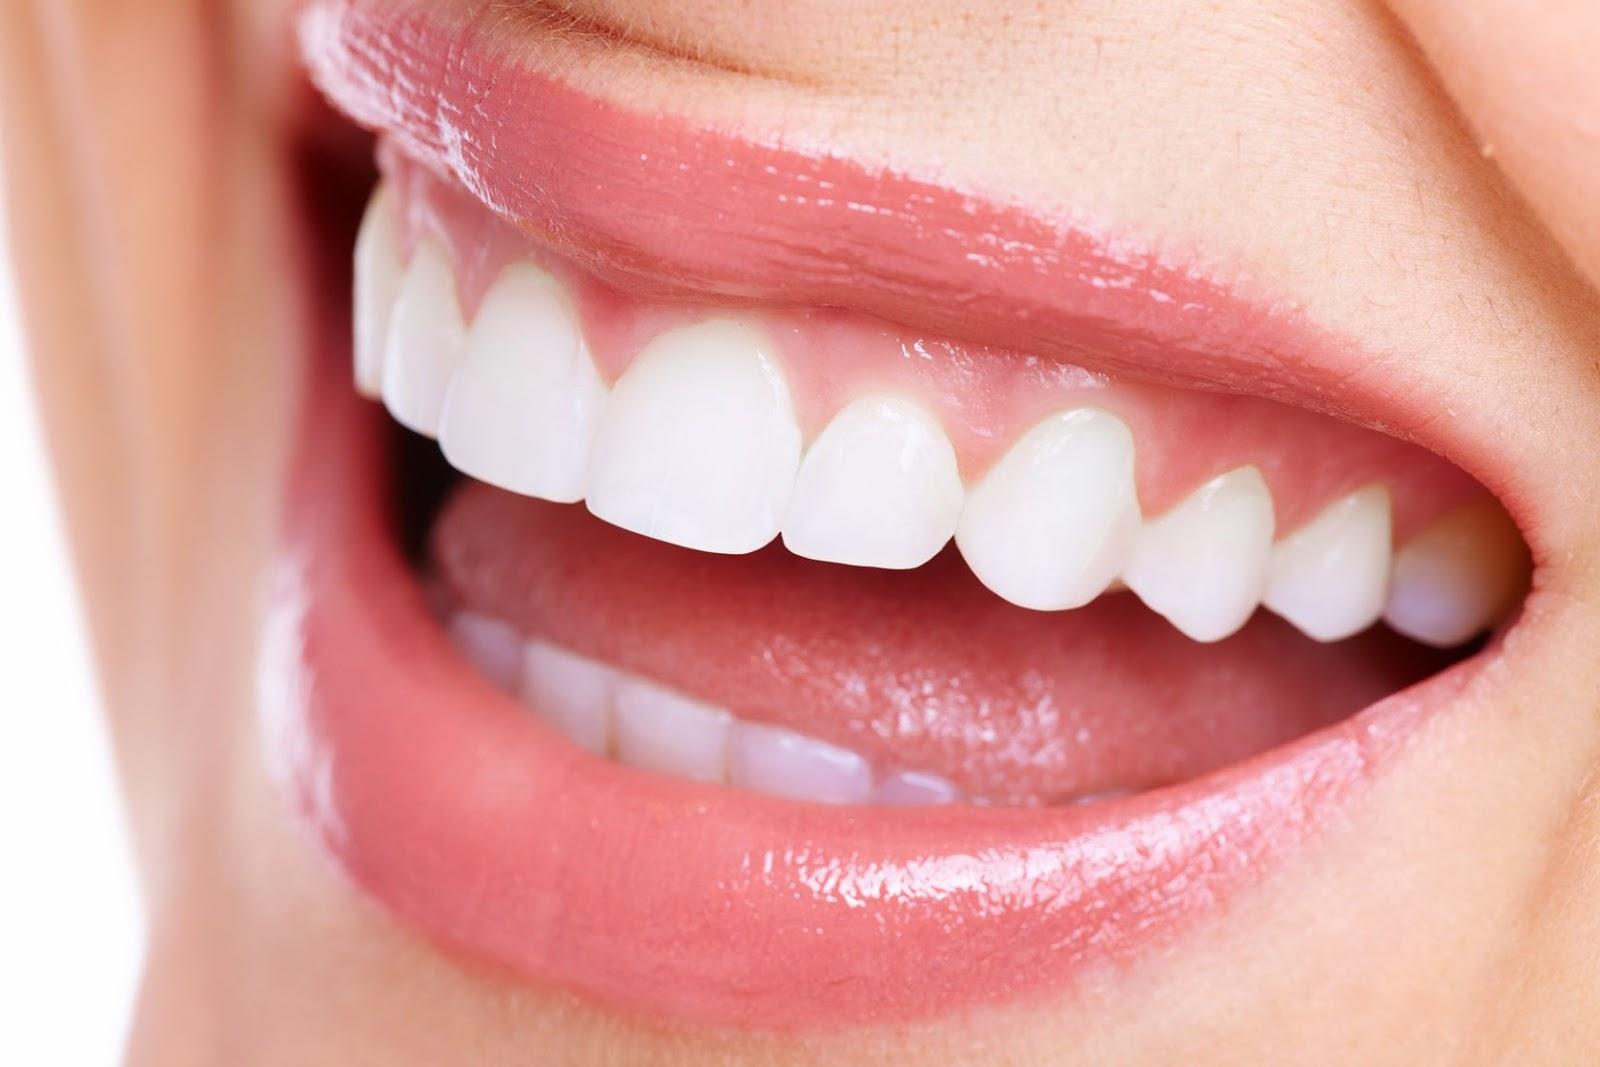 Más clases de Coronas Dentales, ventajas e inconvenientes